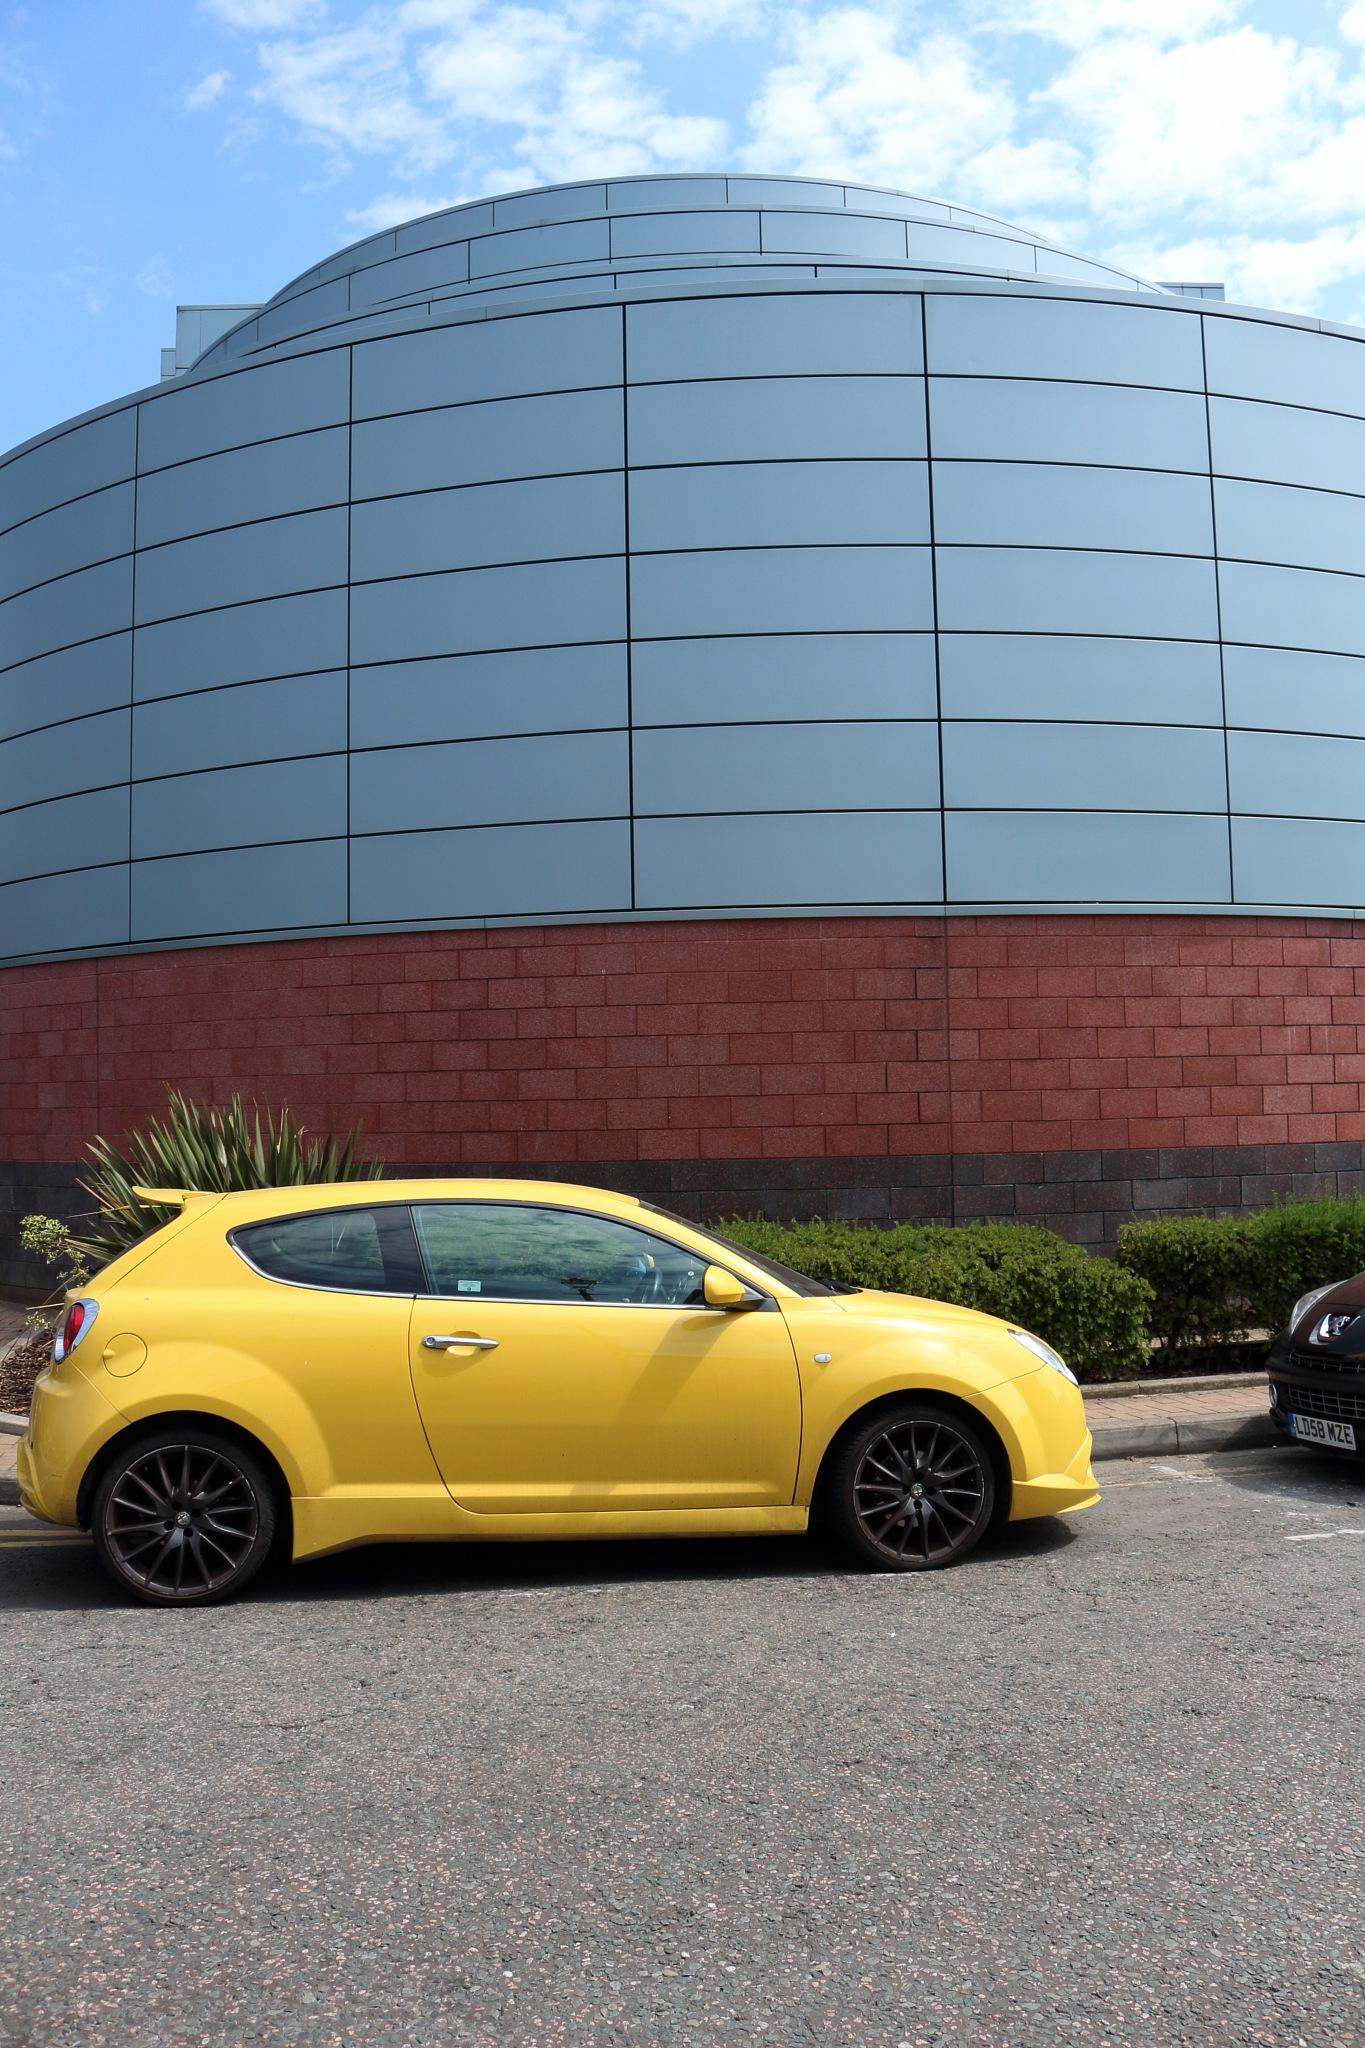 Yellow Car by mygrumpy